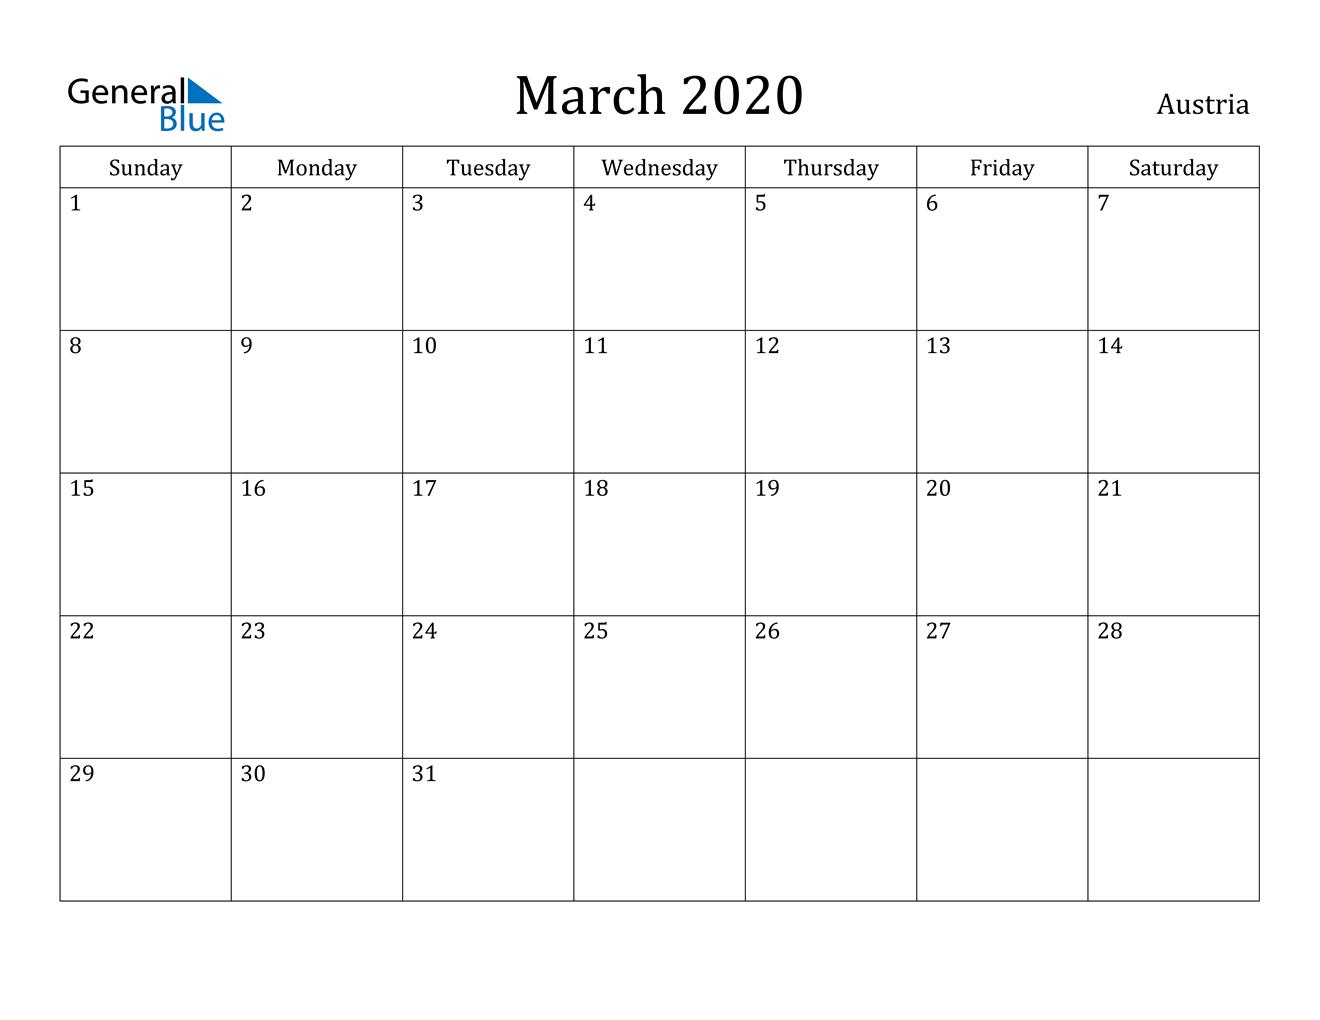 Image of March 2020 Austria Calendar with Holidays Calendar